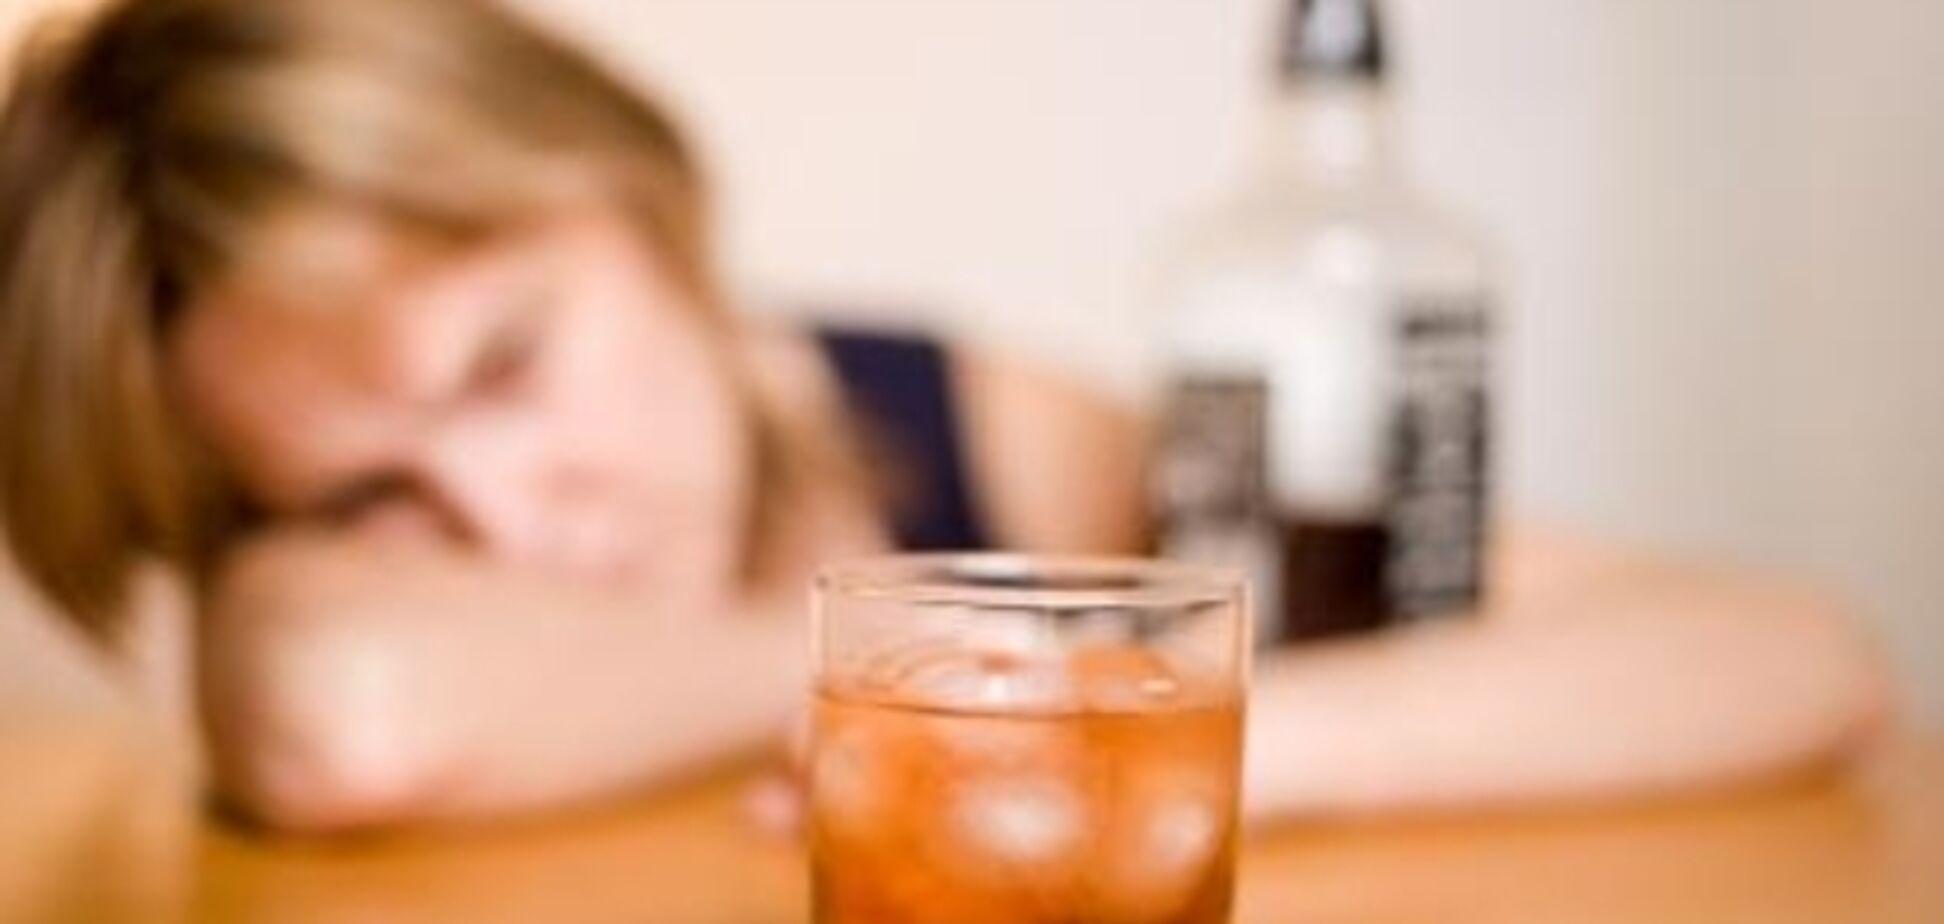 Детоксикация при отравлении алкоголем: 7 способов